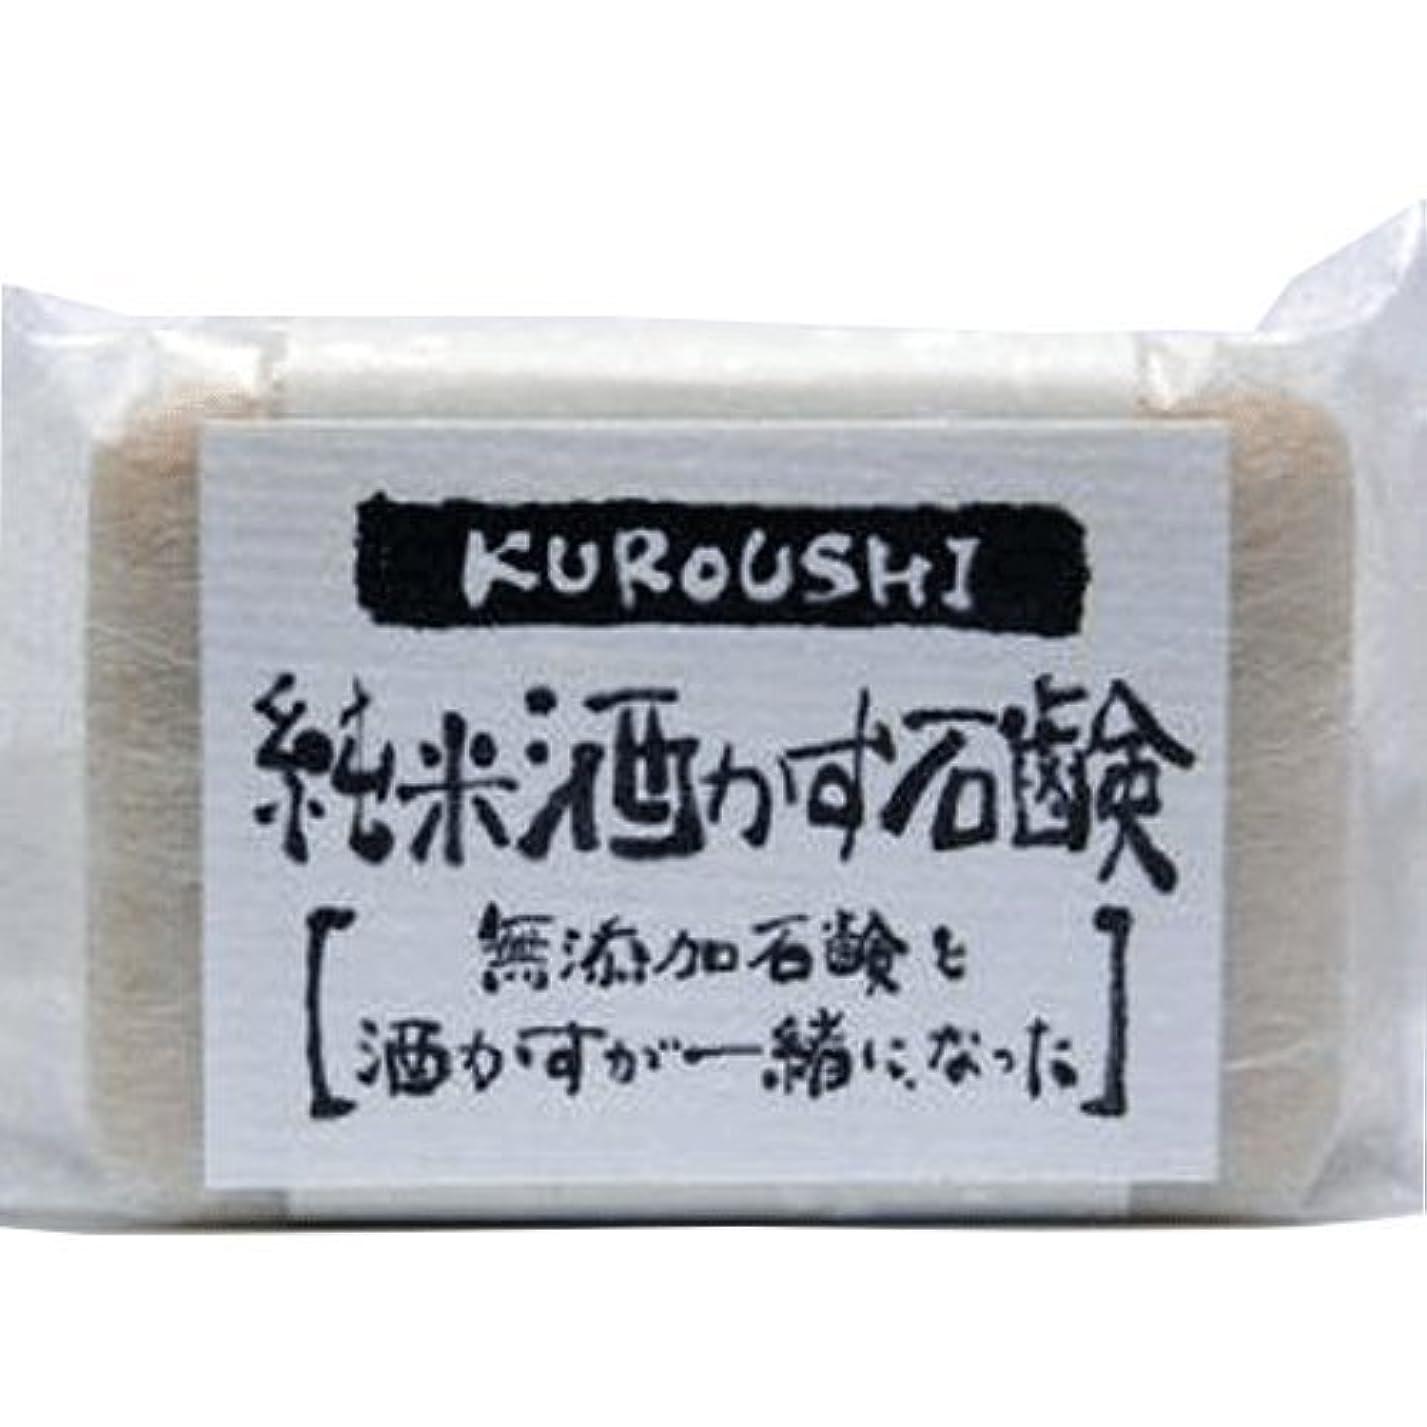 KUROUSHI 純米酒かす 無添加石鹸(せっけん) 120g 6個セット